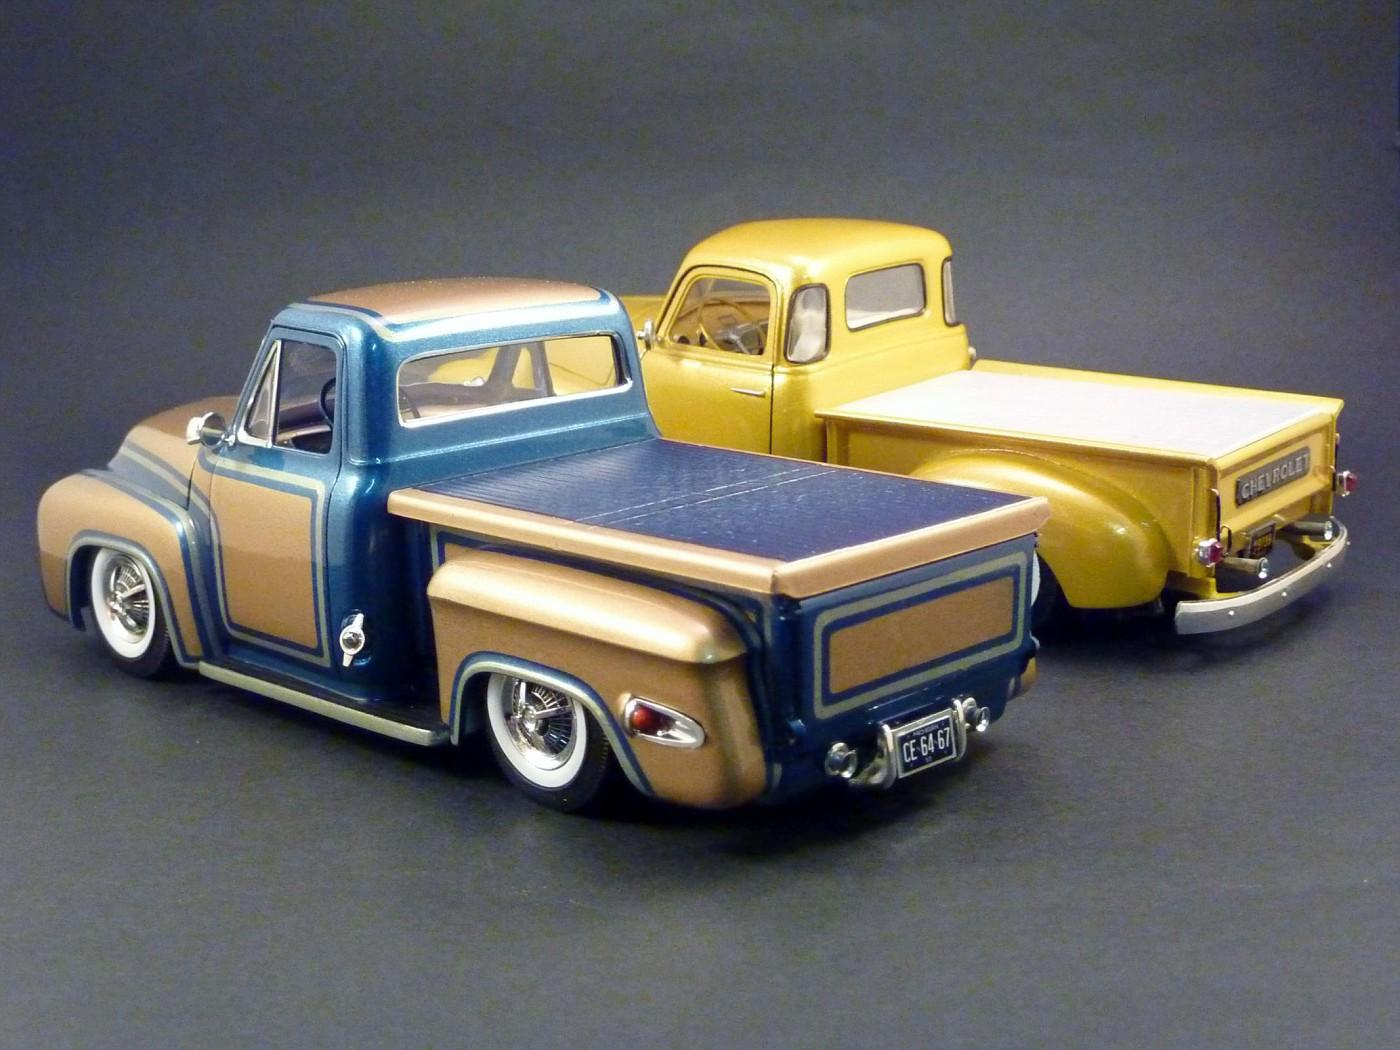 Chevy pickup 60 citerne texaco terminé - Page 3 Photo9-vi